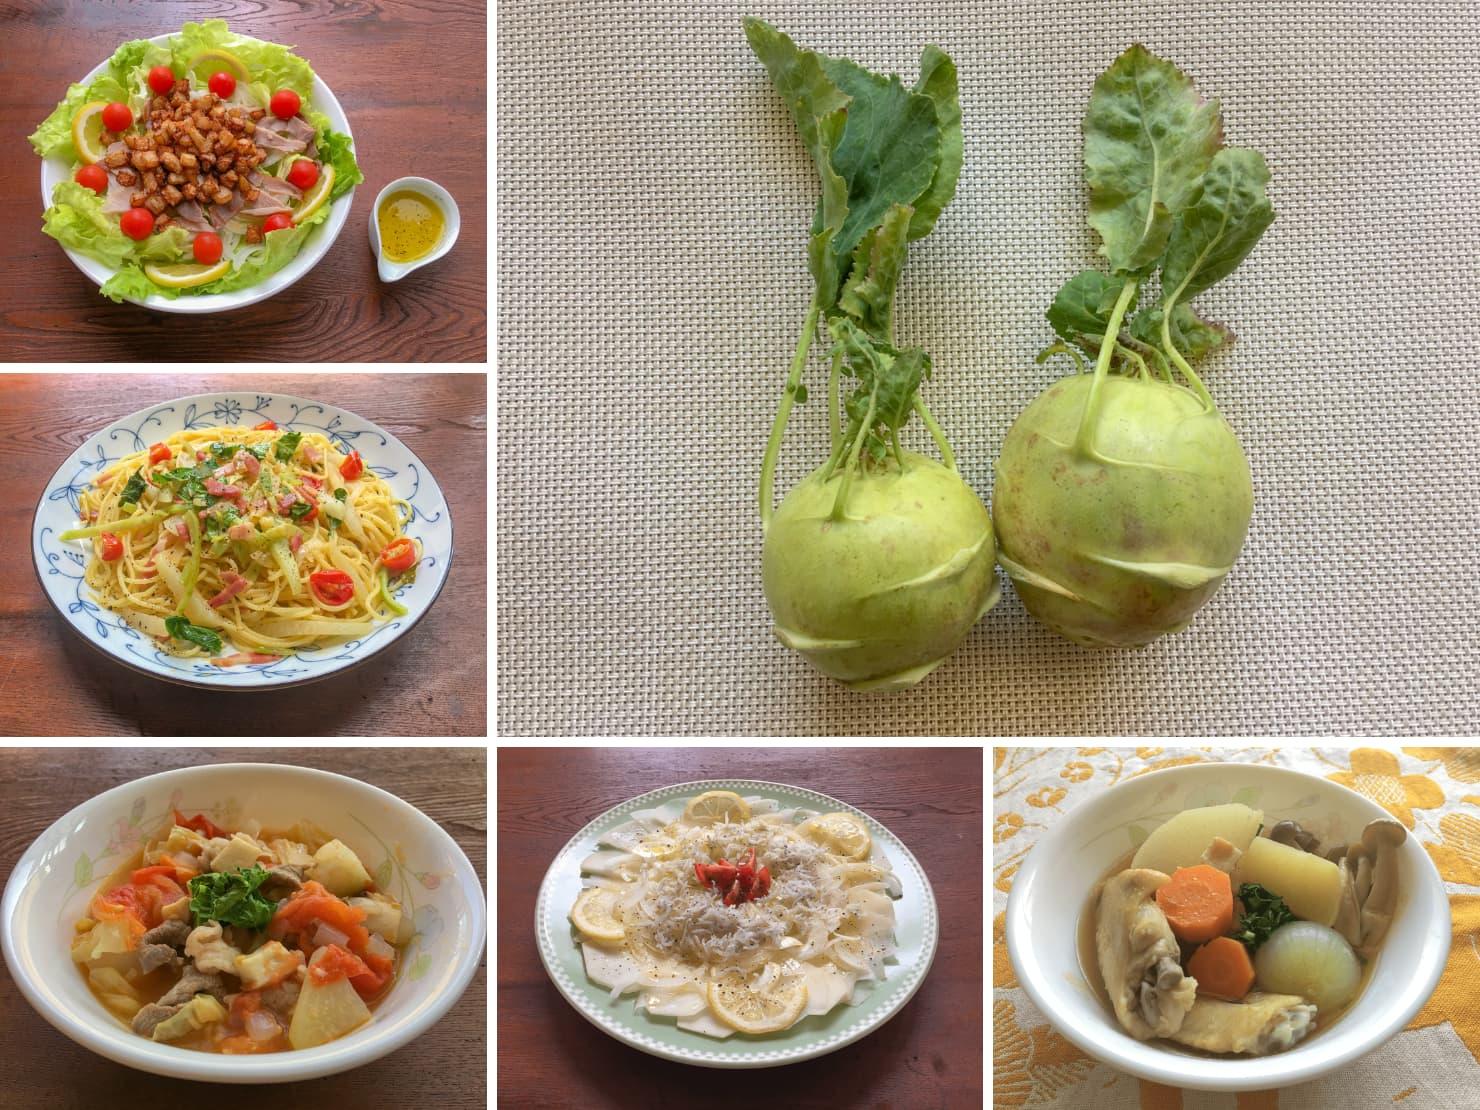 コールラビとコールラビの料理の写真